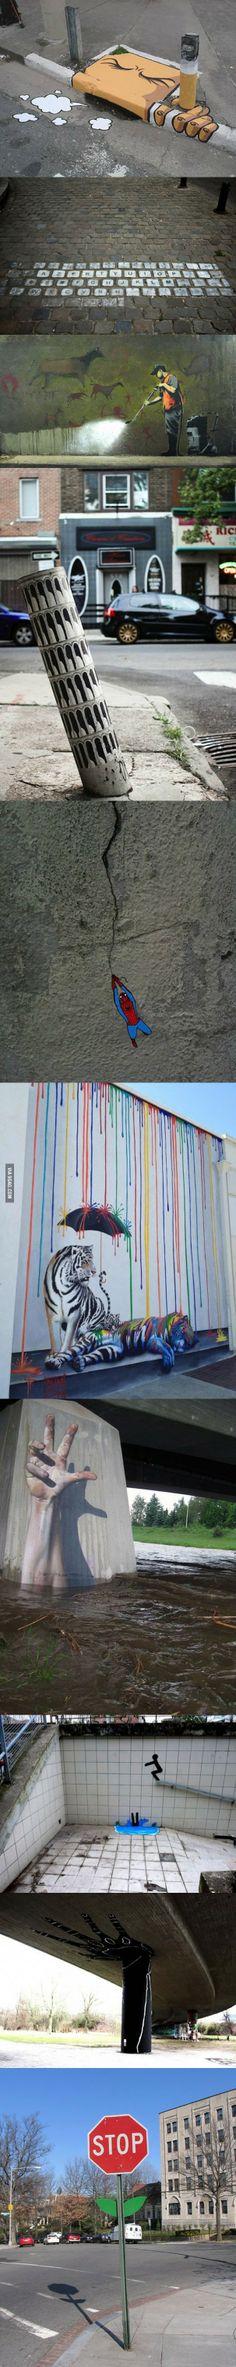 10 Coolest Street Art